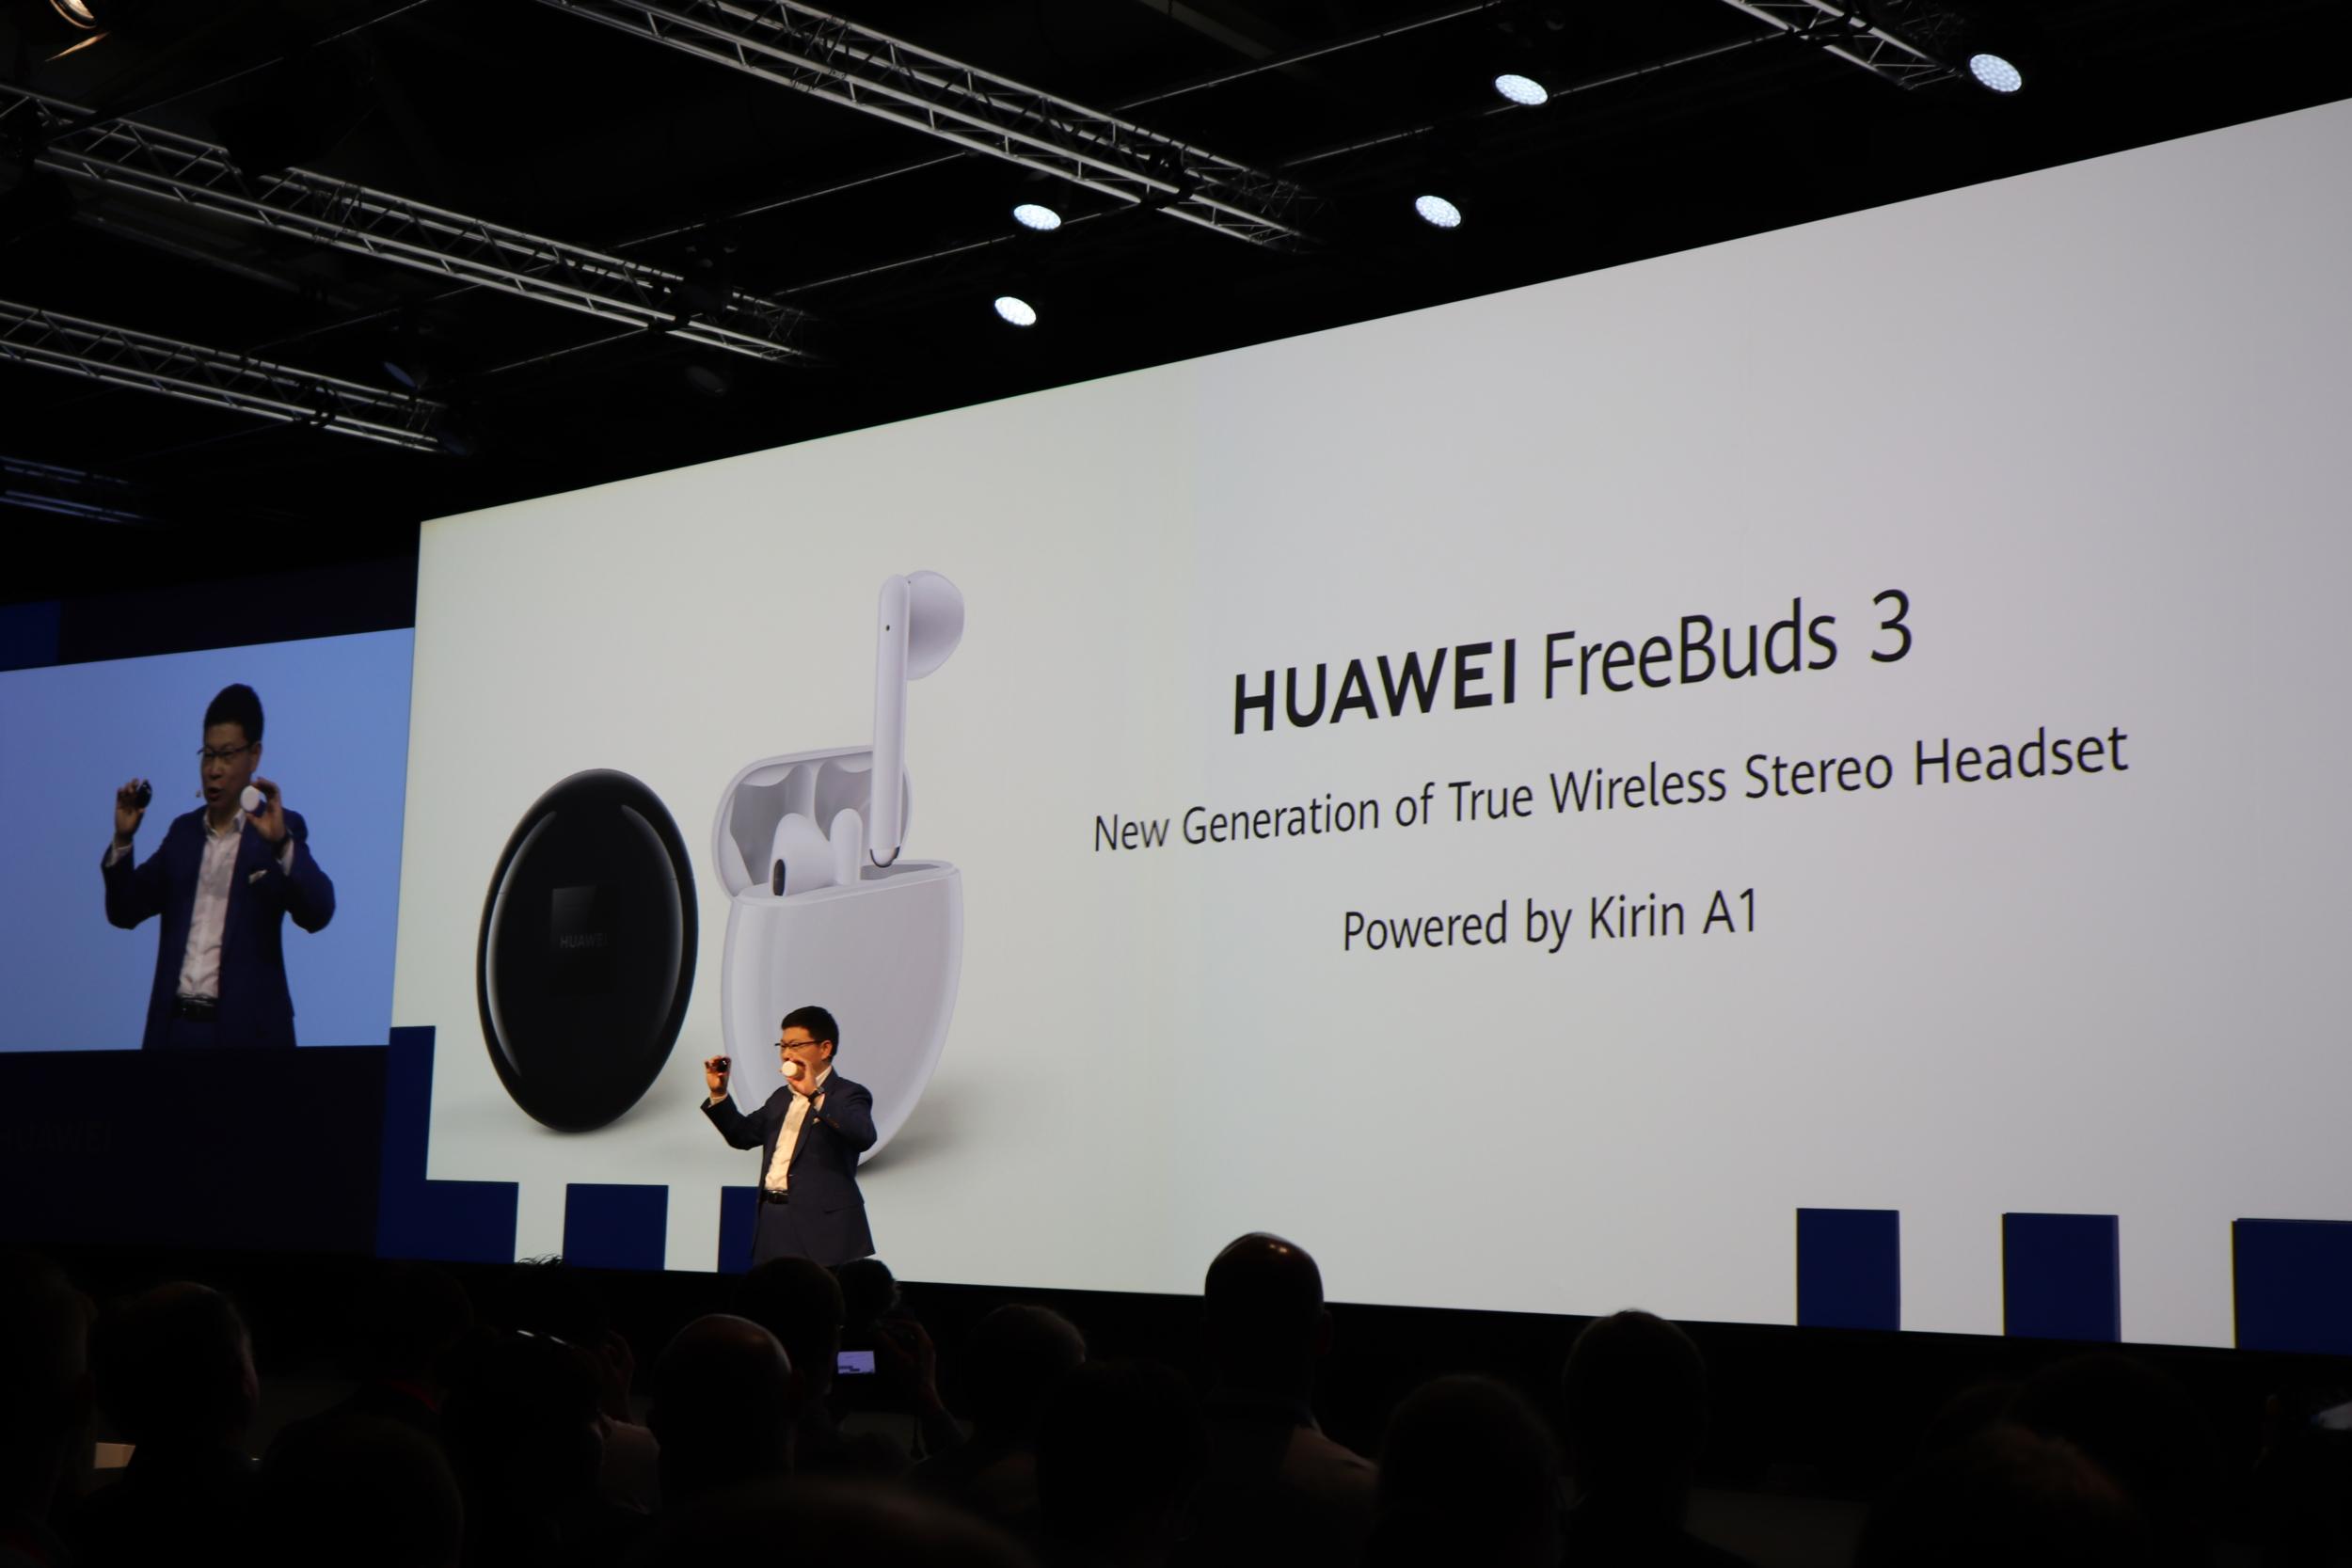 Huawei FreeBuds 3 přichází do Česka, stojí 4 799 Kč [aktualizováno]